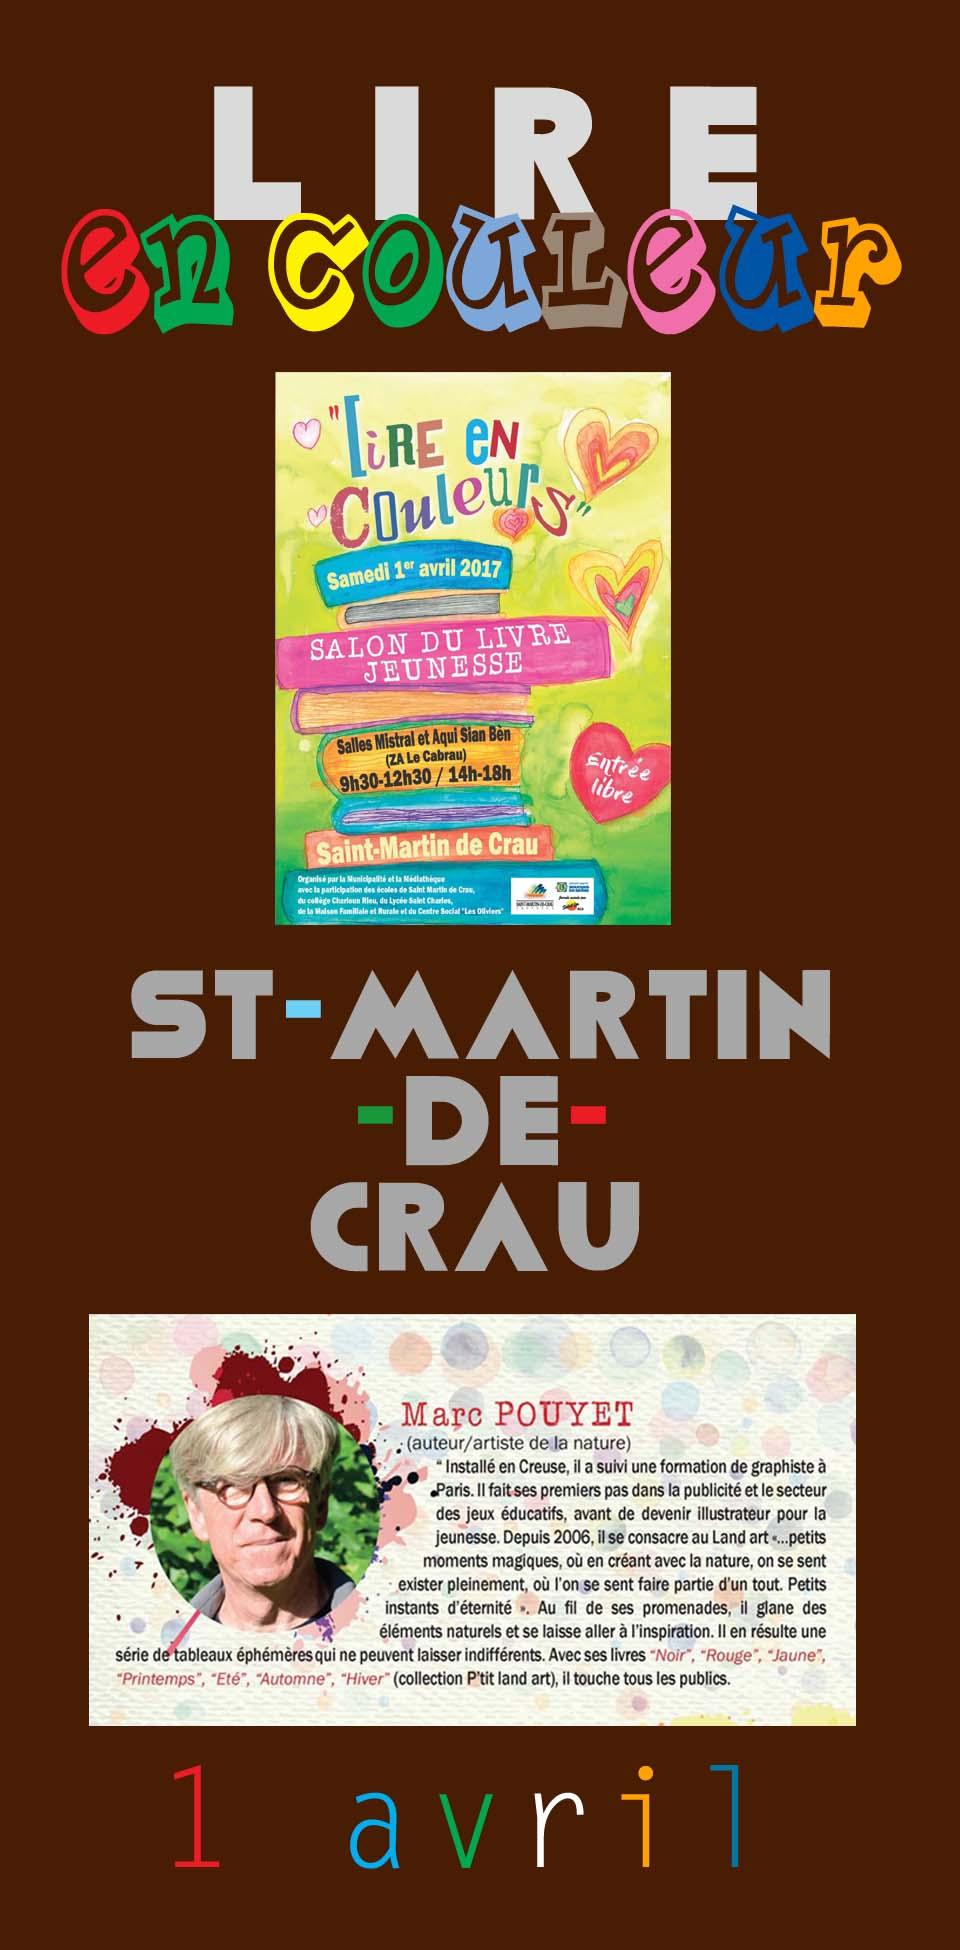 Article ST MARTIN DE CRAU